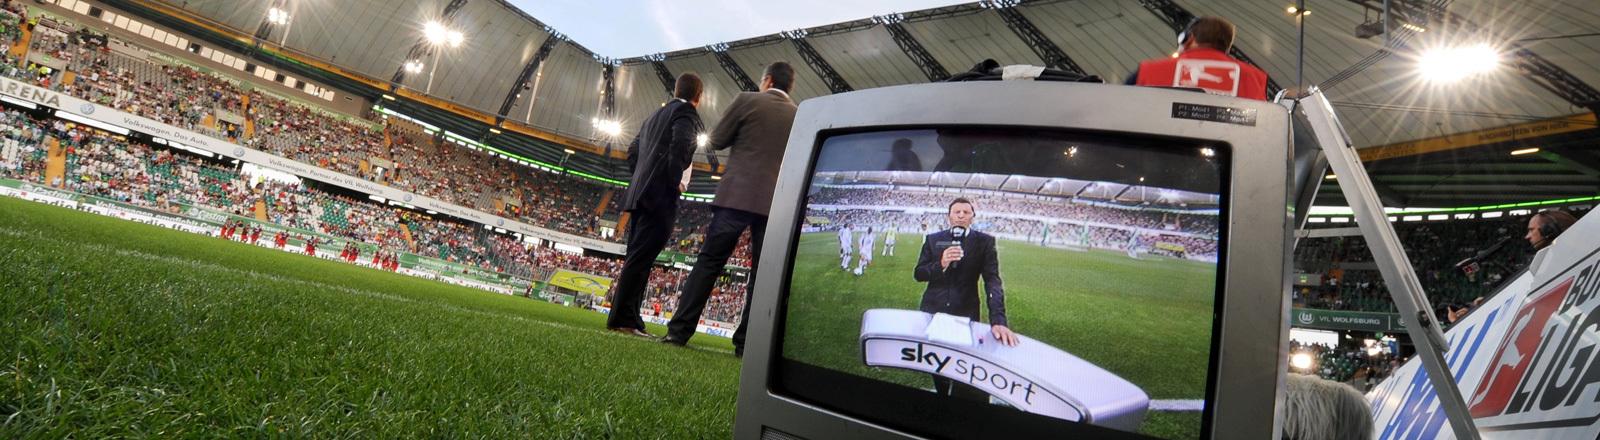 Ein Fernsehgerät steht auf dem Rasen eines Fußball-Stadions. Auf dem Fernseher läuft eine Sendung des Bezahlsenders SKY Sport; Foto: dpa